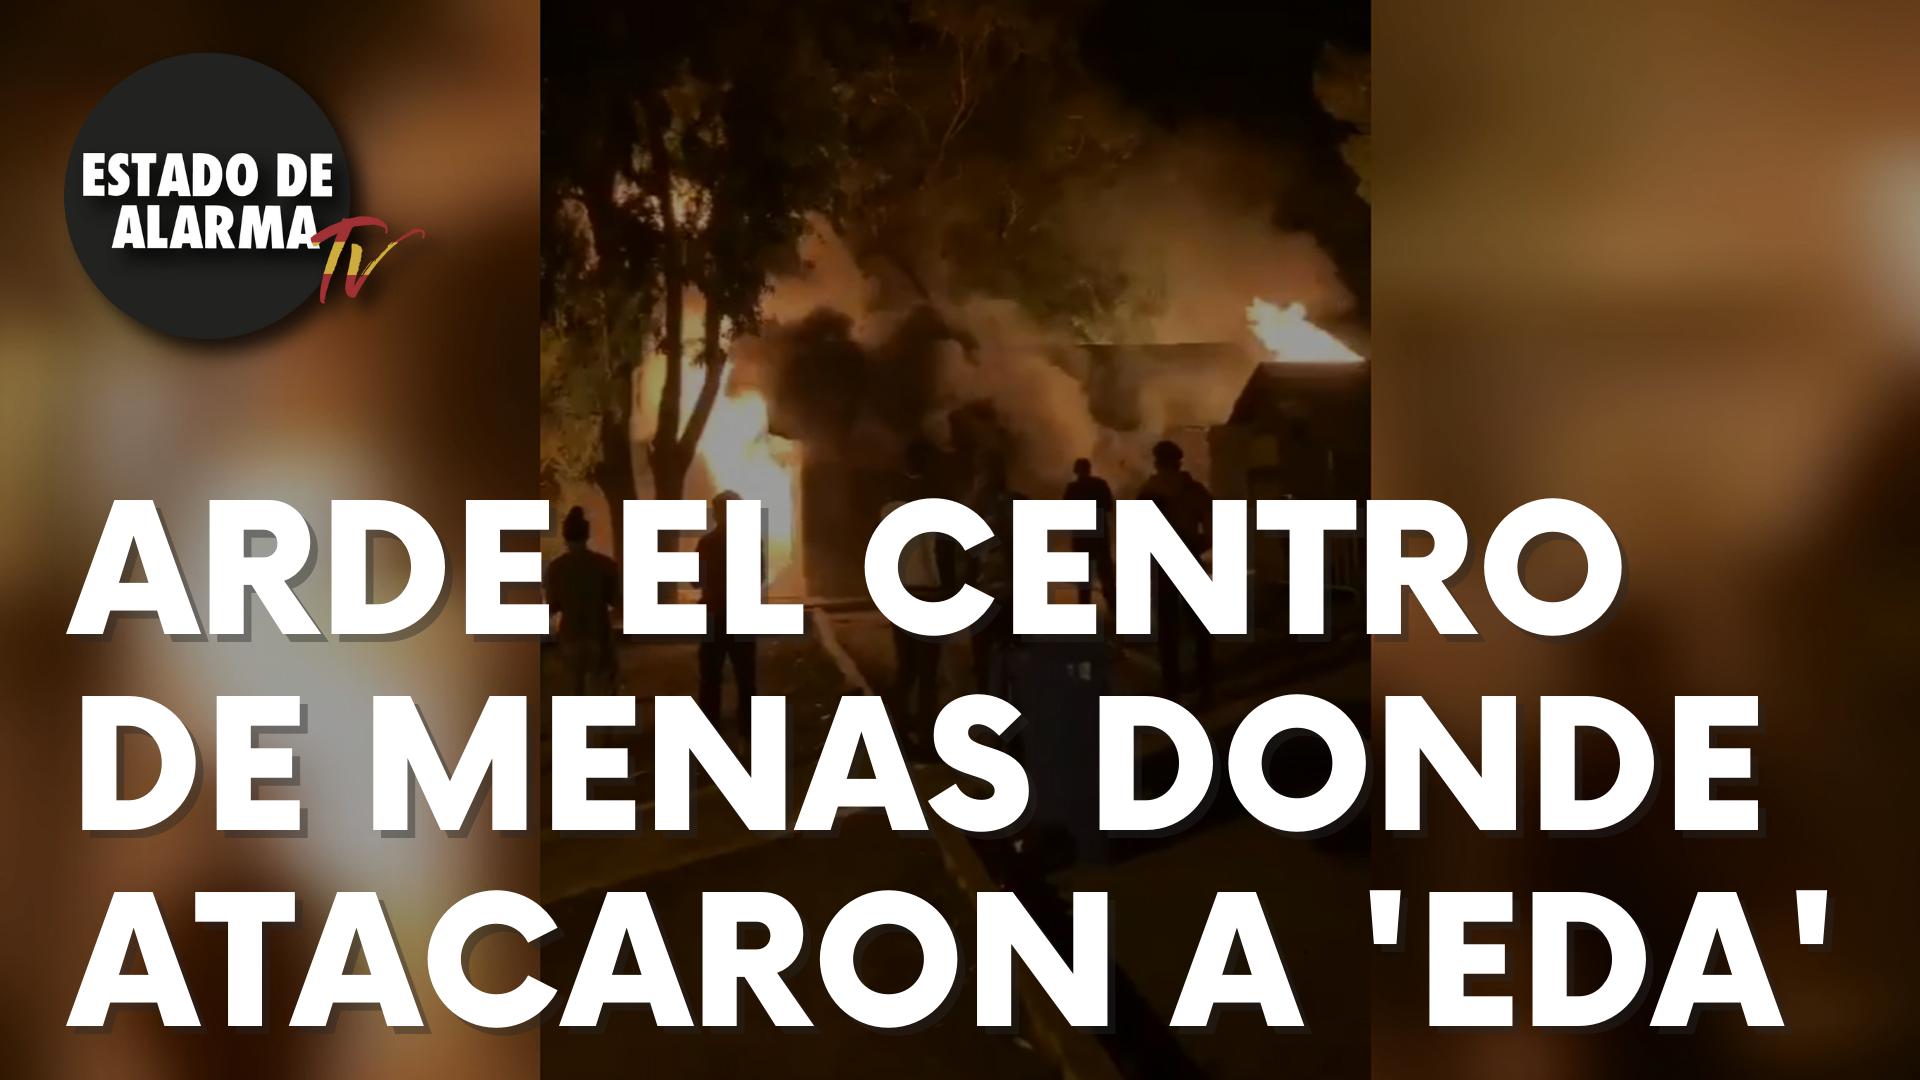 Arde el centro de menas de Melilla donde atacaron a Estado de Alarma